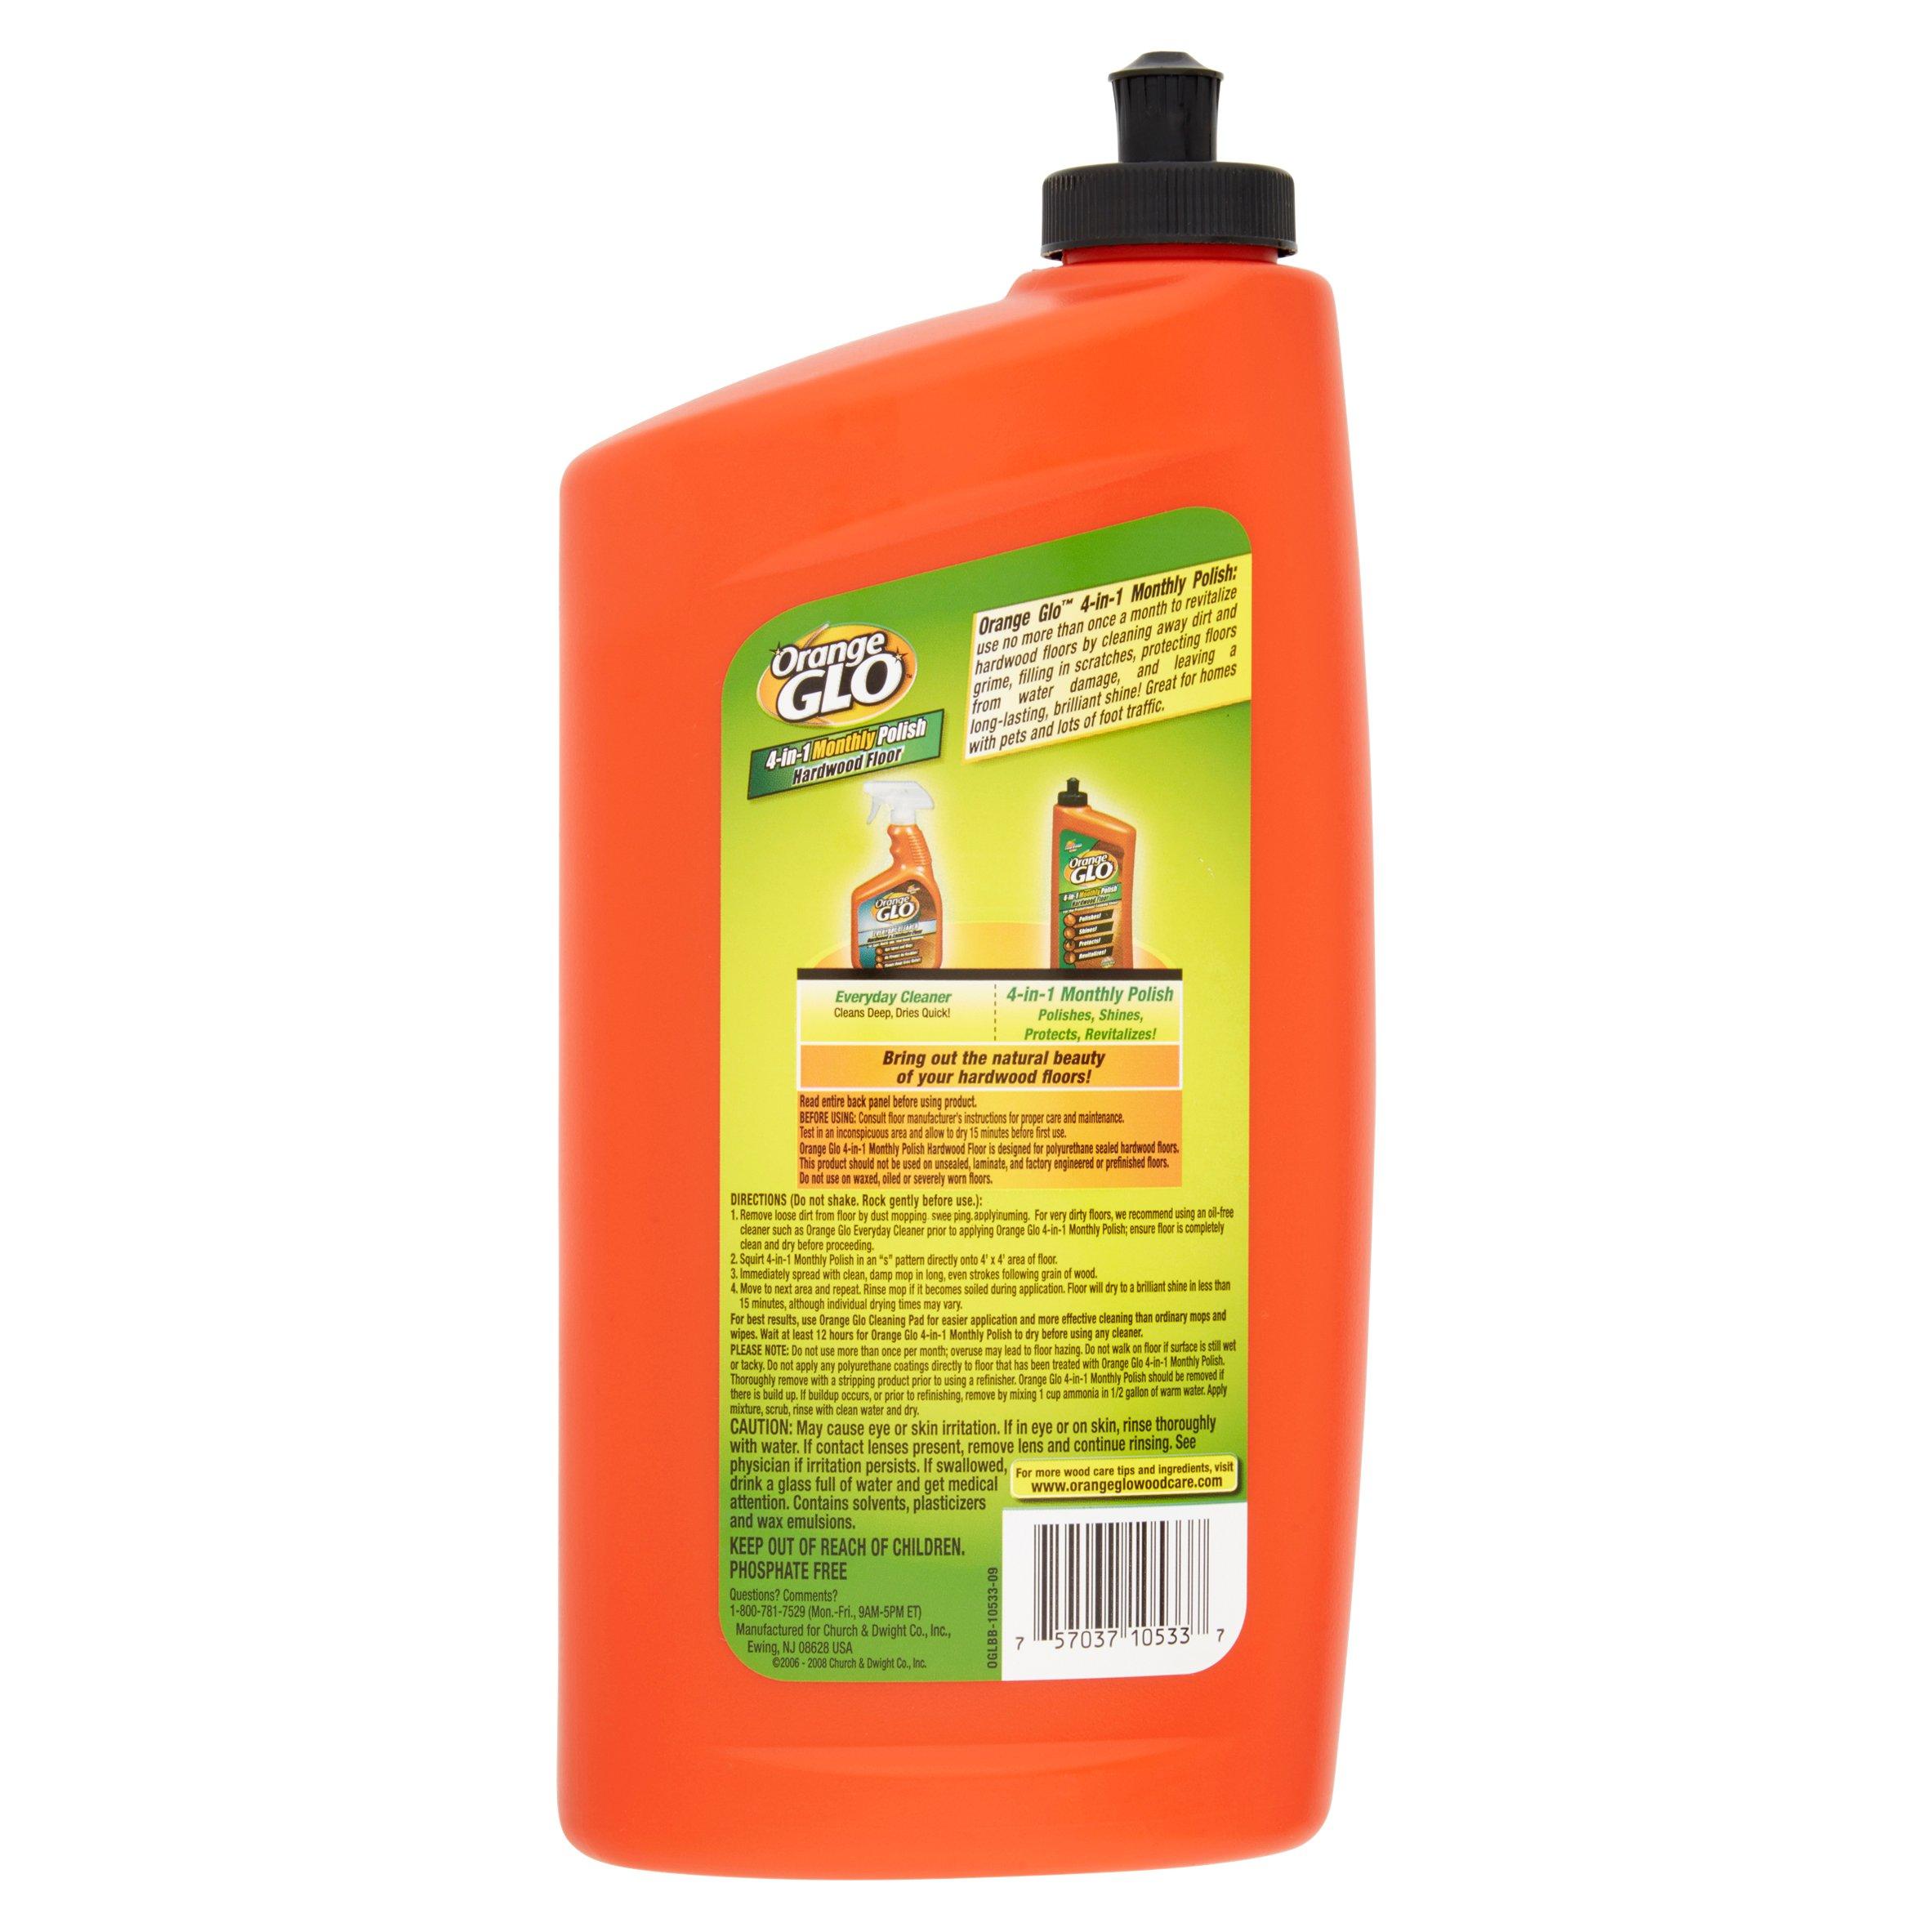 orange glo hardwood floor cleaner orange scent 32oz bottle walmartcom - Hardwood Floor Polish